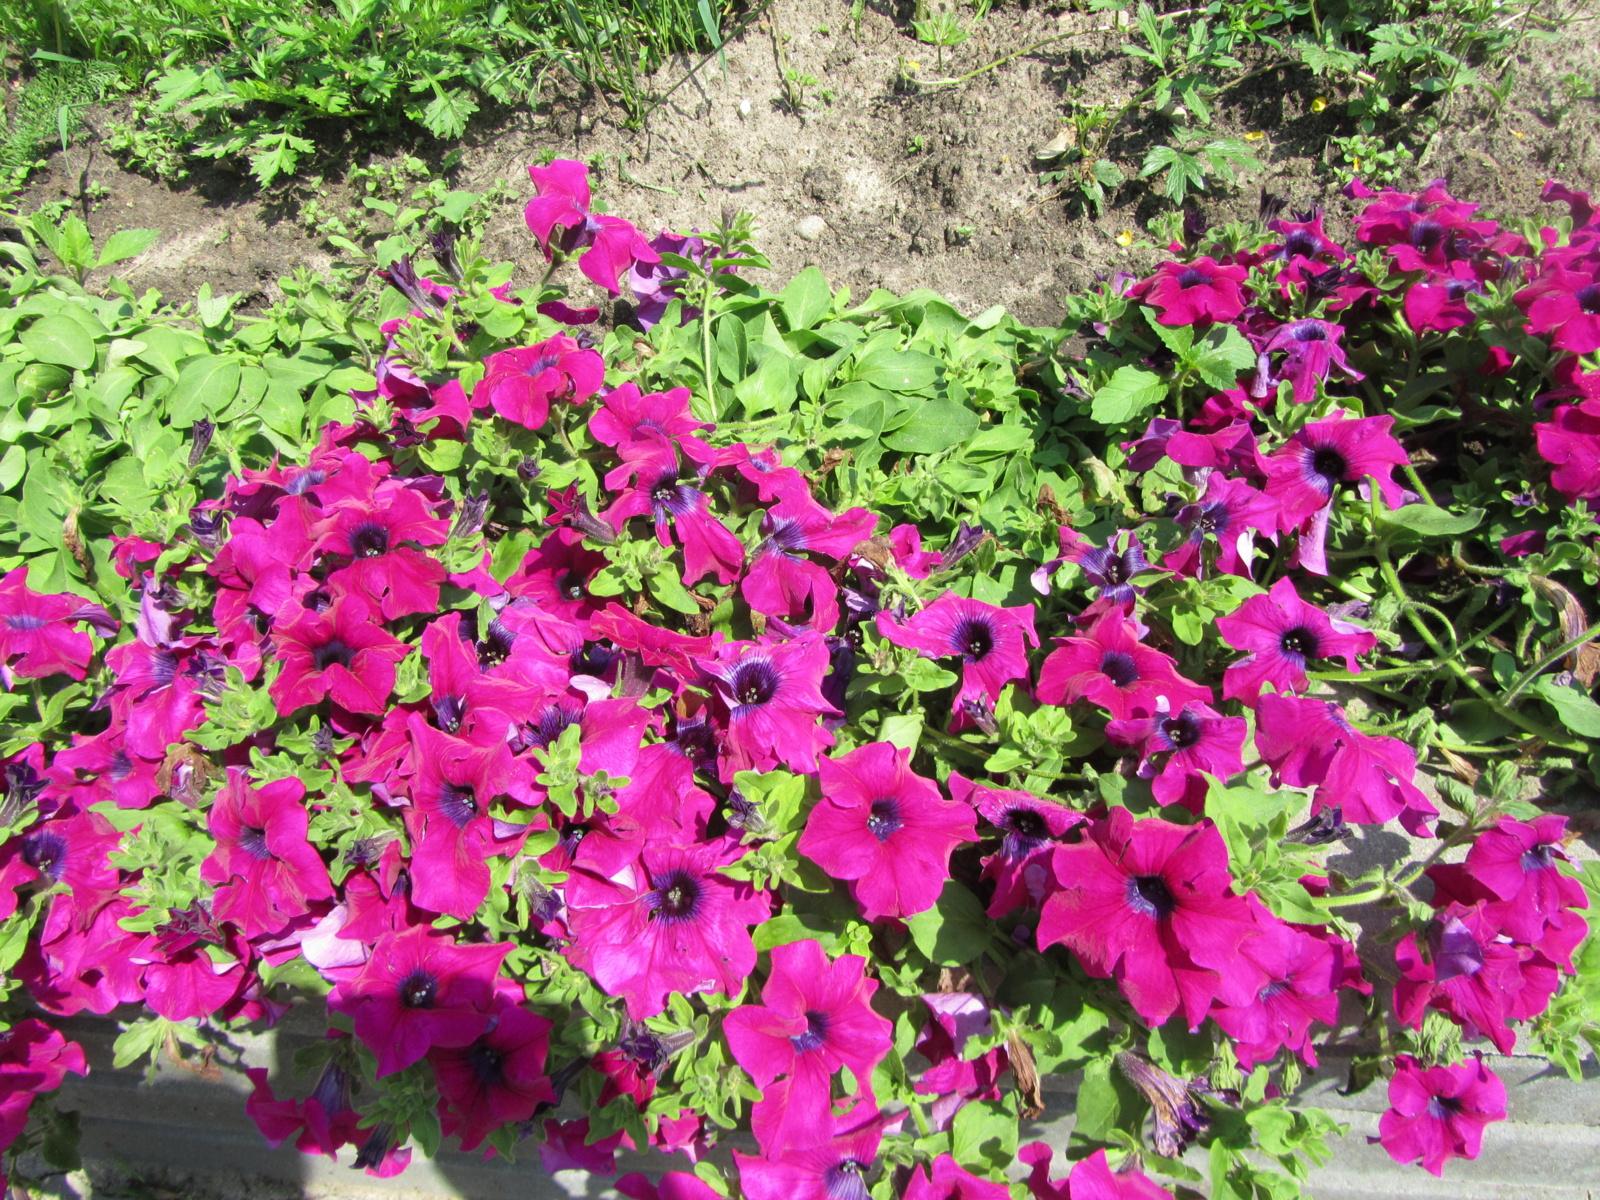 Į Lietuvą įvežtos genetiškai modifikuotos gėlės